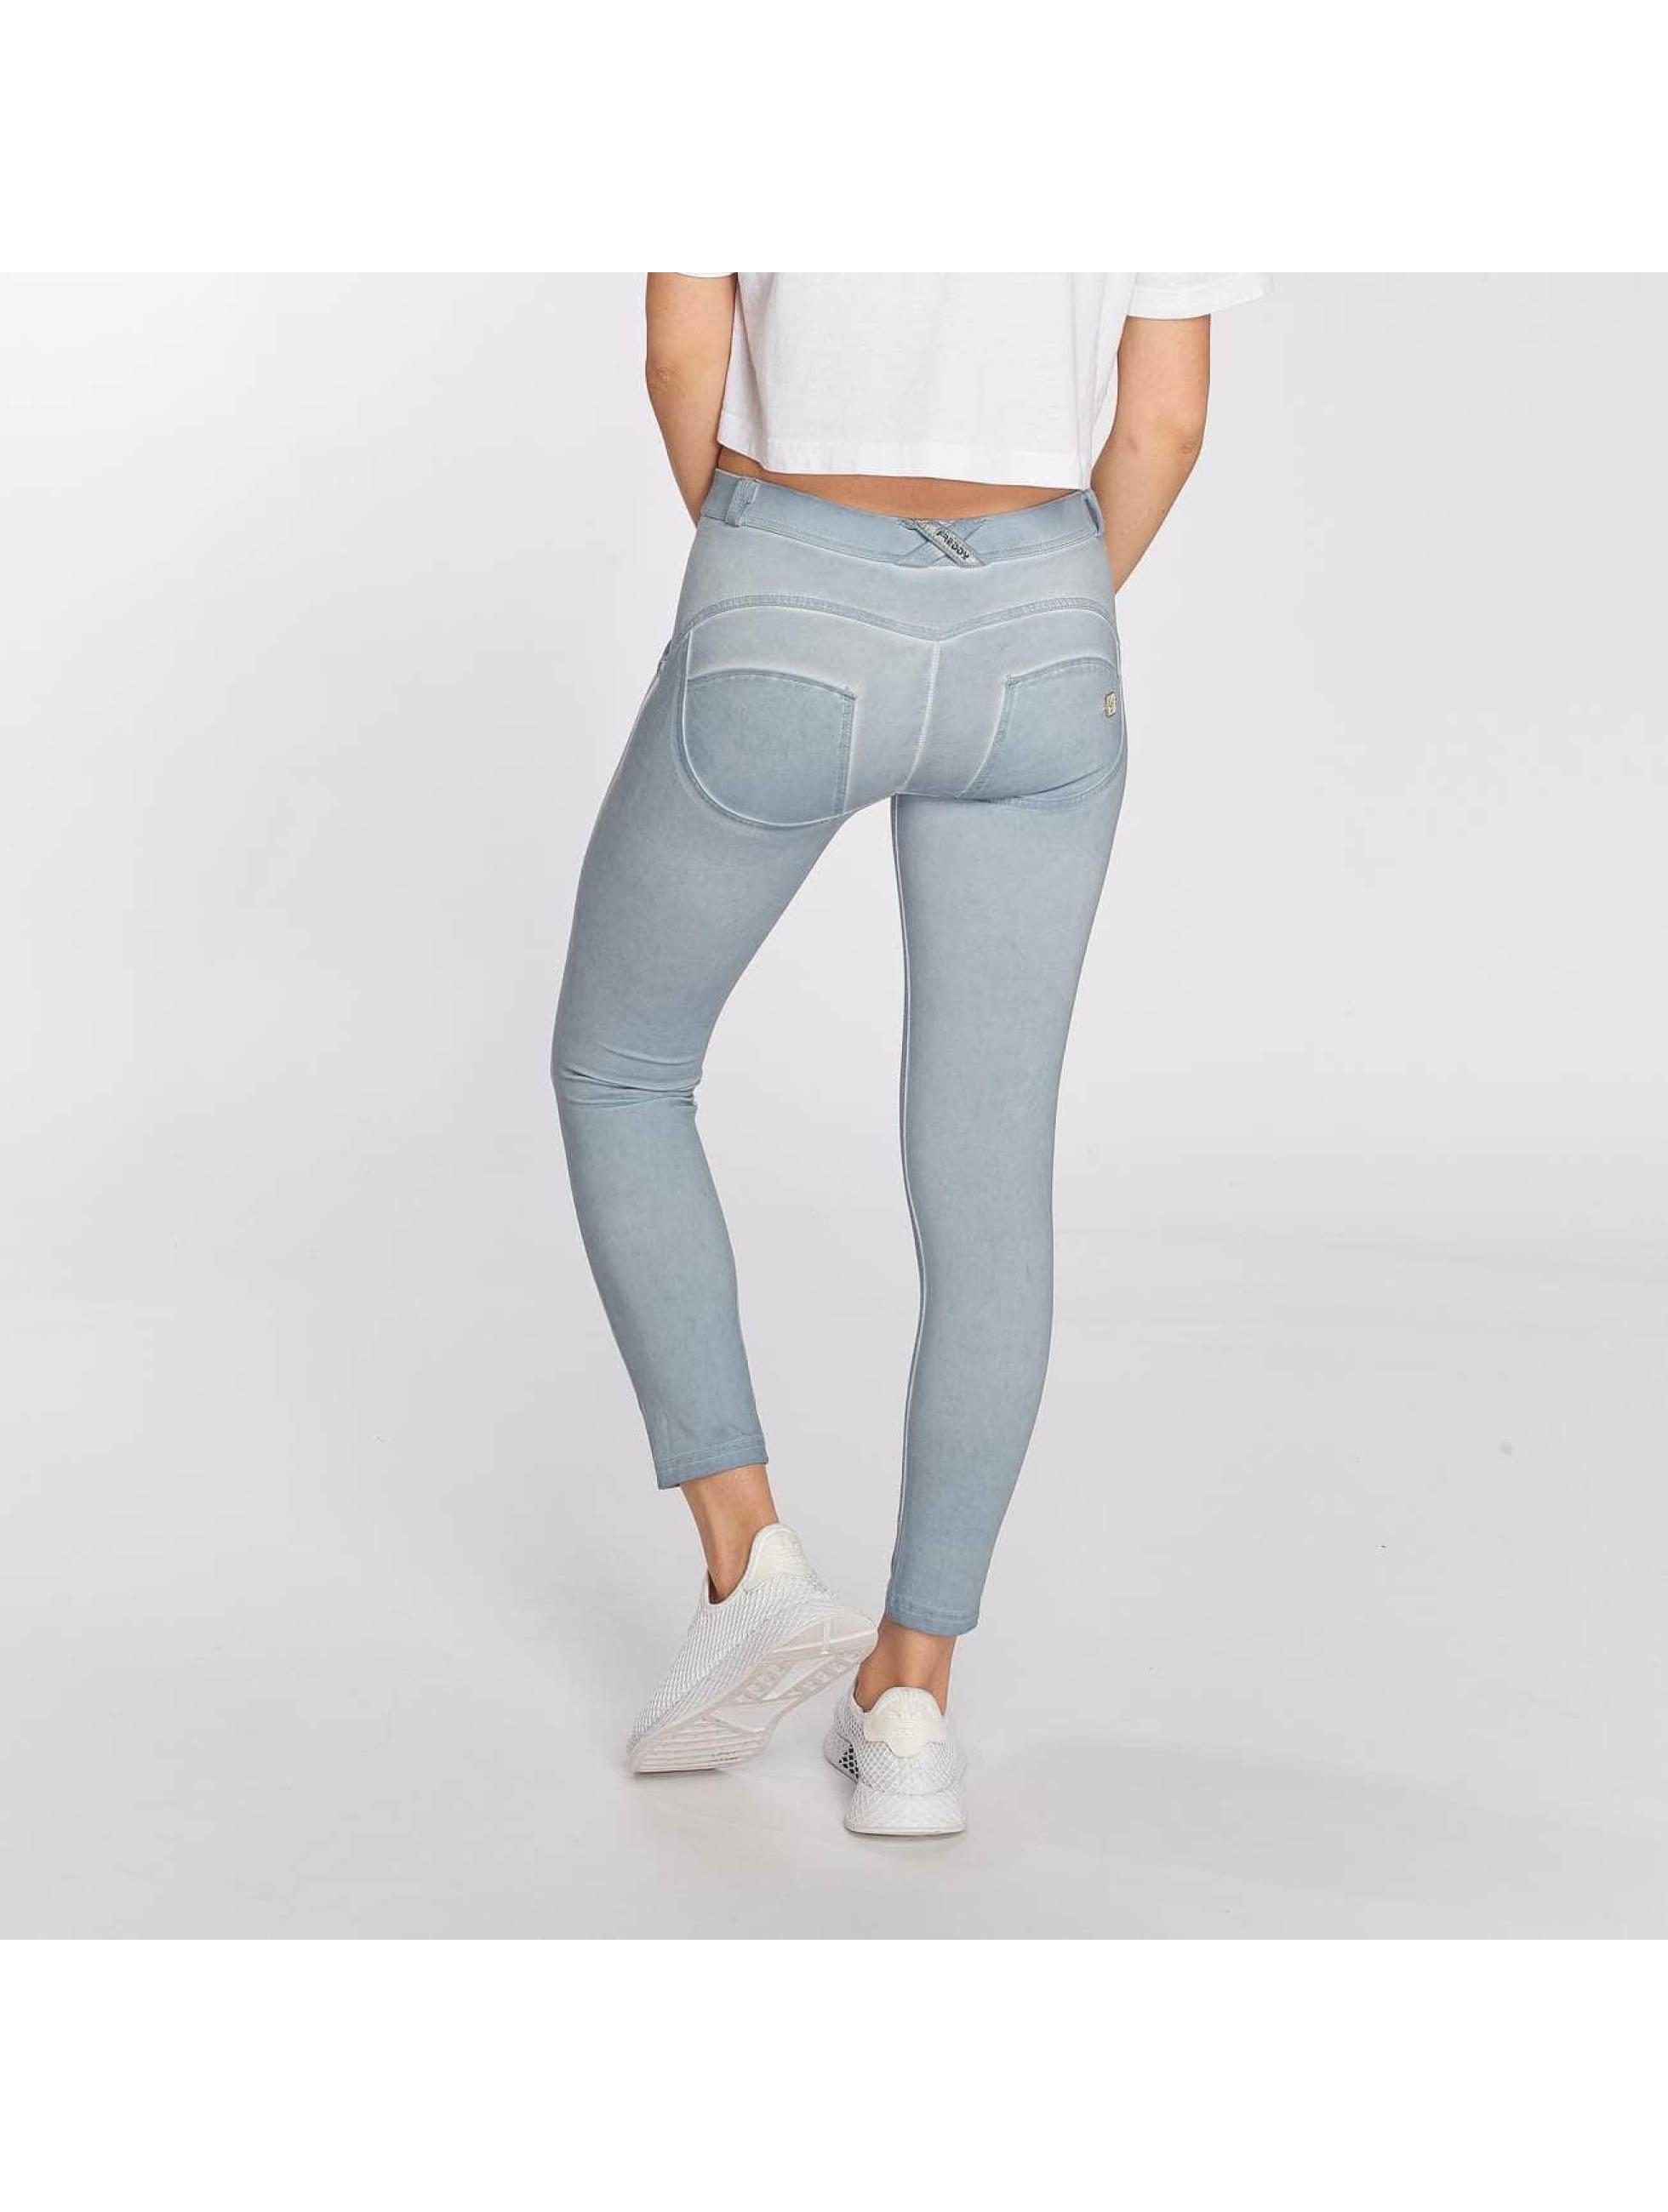 Freddy Skinny jeans Pantalone 7/8 blauw